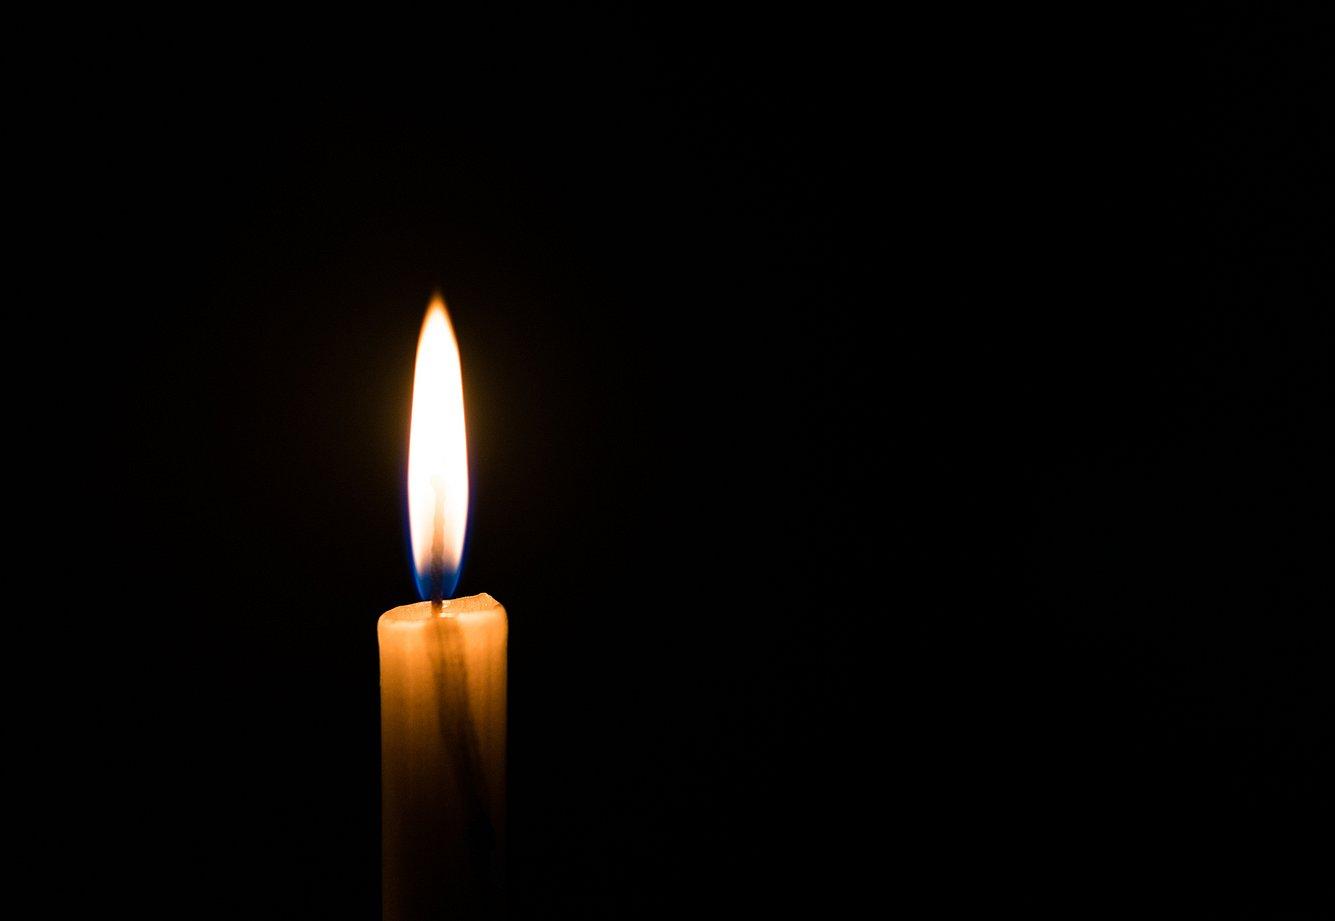 Eine brennende Kerze im Dunkeln.